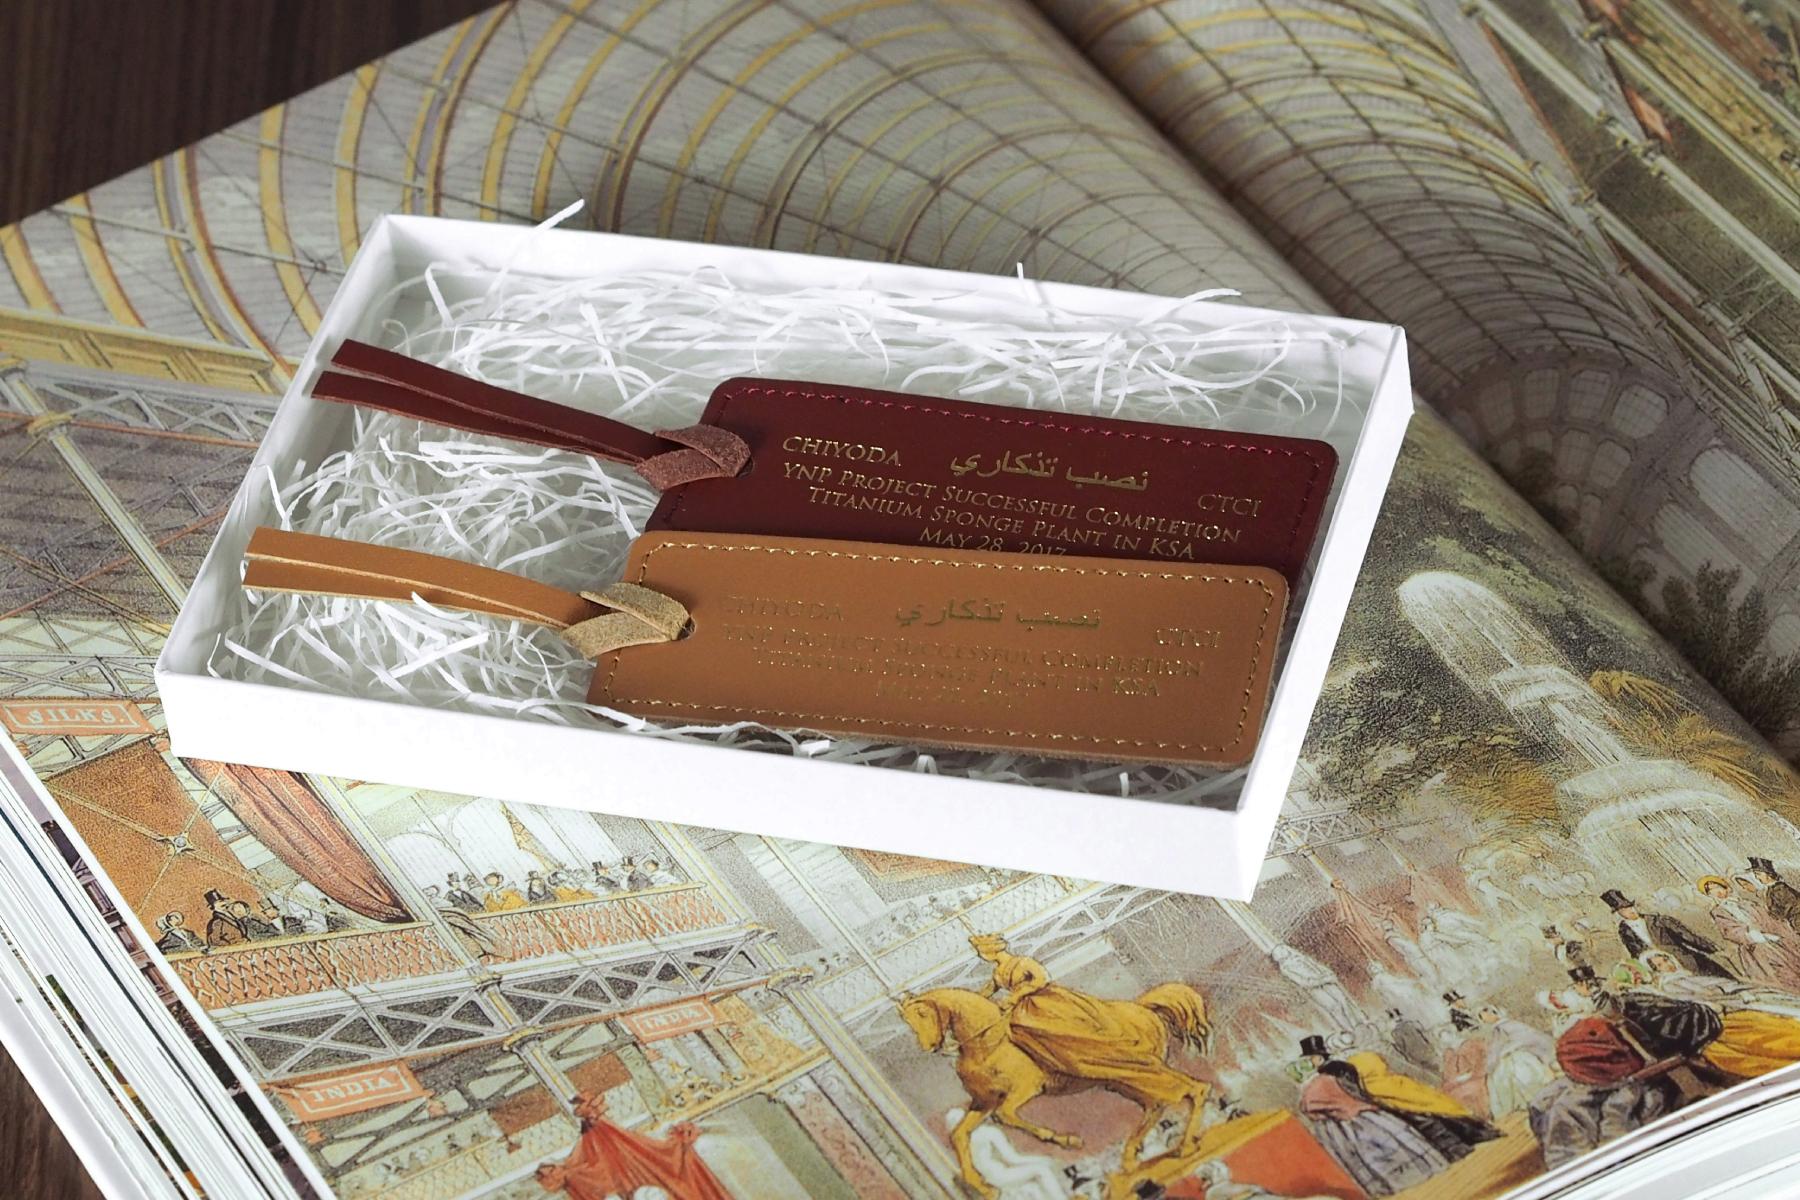 革製しおり2枚セットを会社合併記念品として使用した例